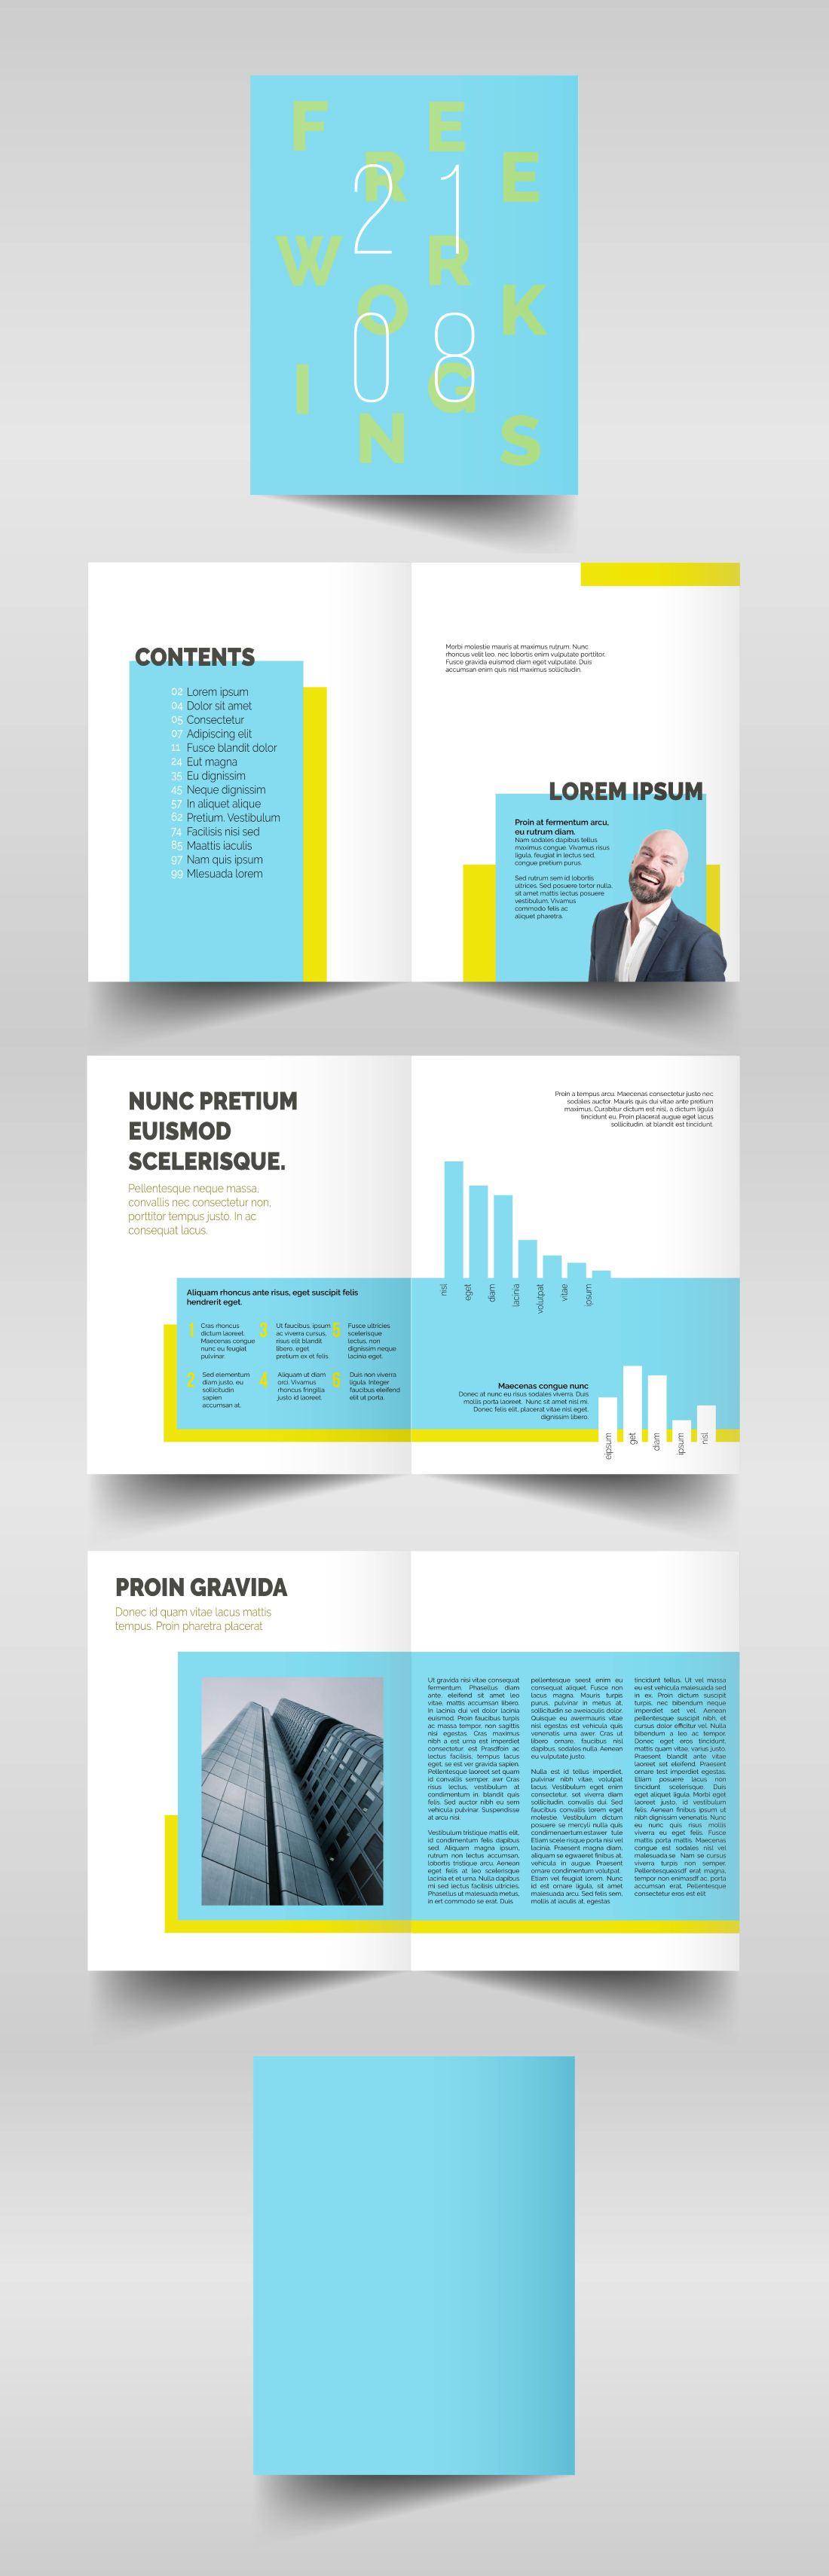 export_typographyteal-01.jpg